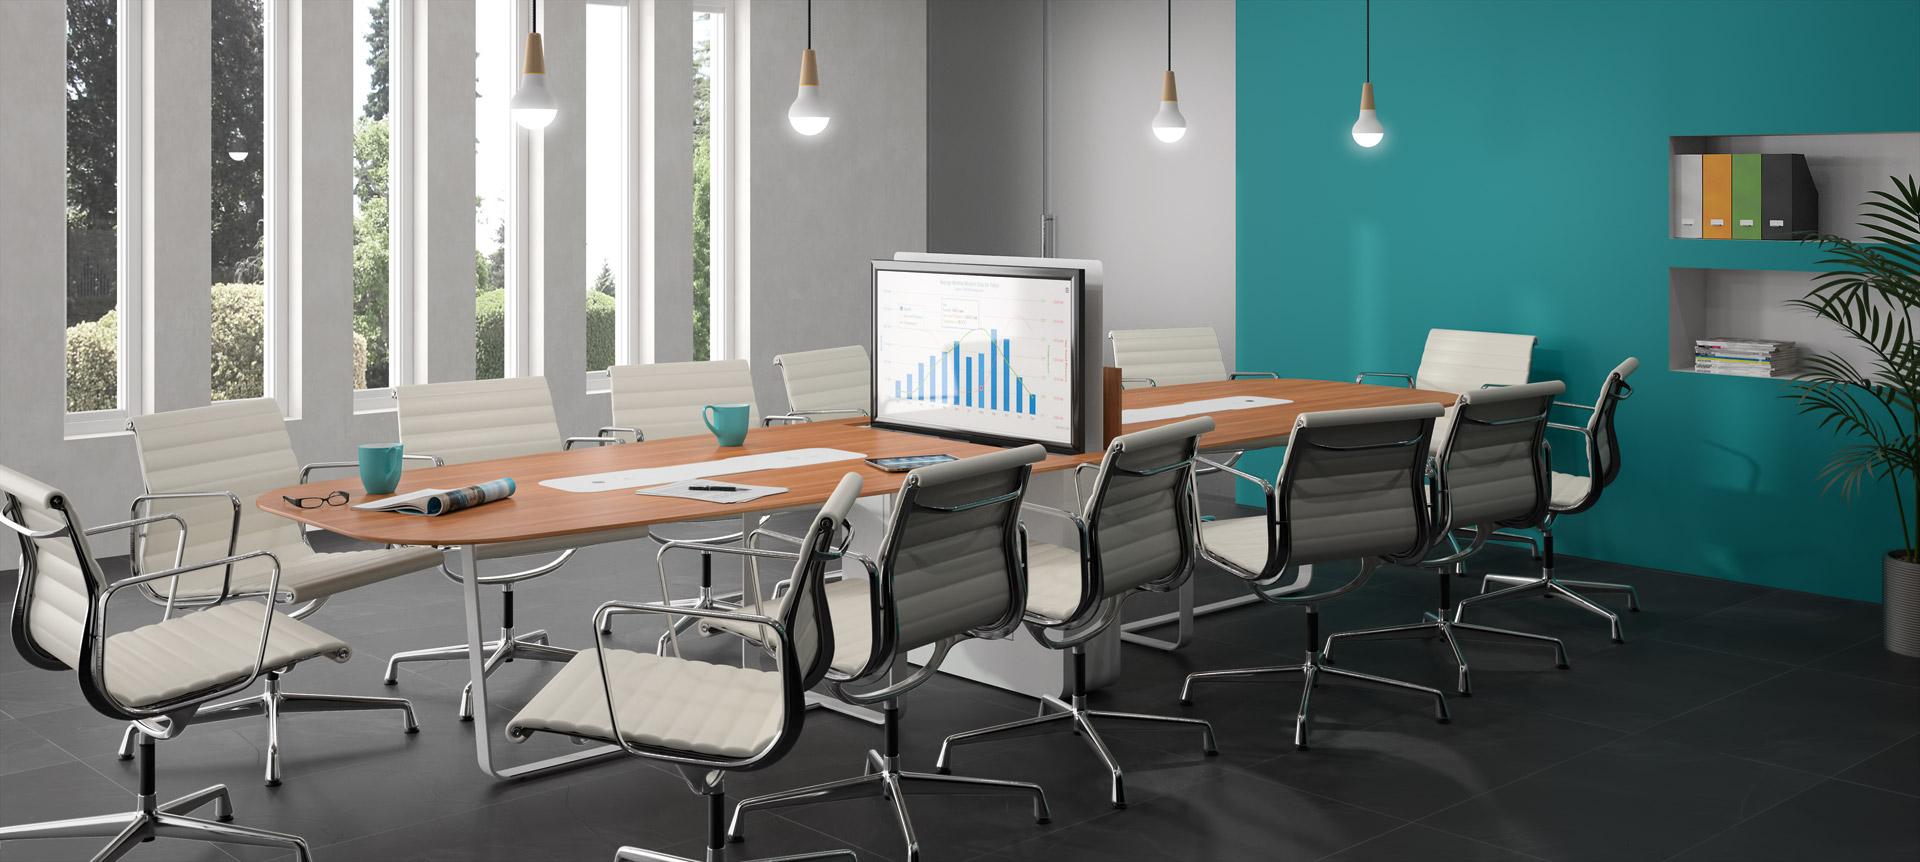 WEMEET MIXED - table de réunion connectée polyvalente avec écran rétractable